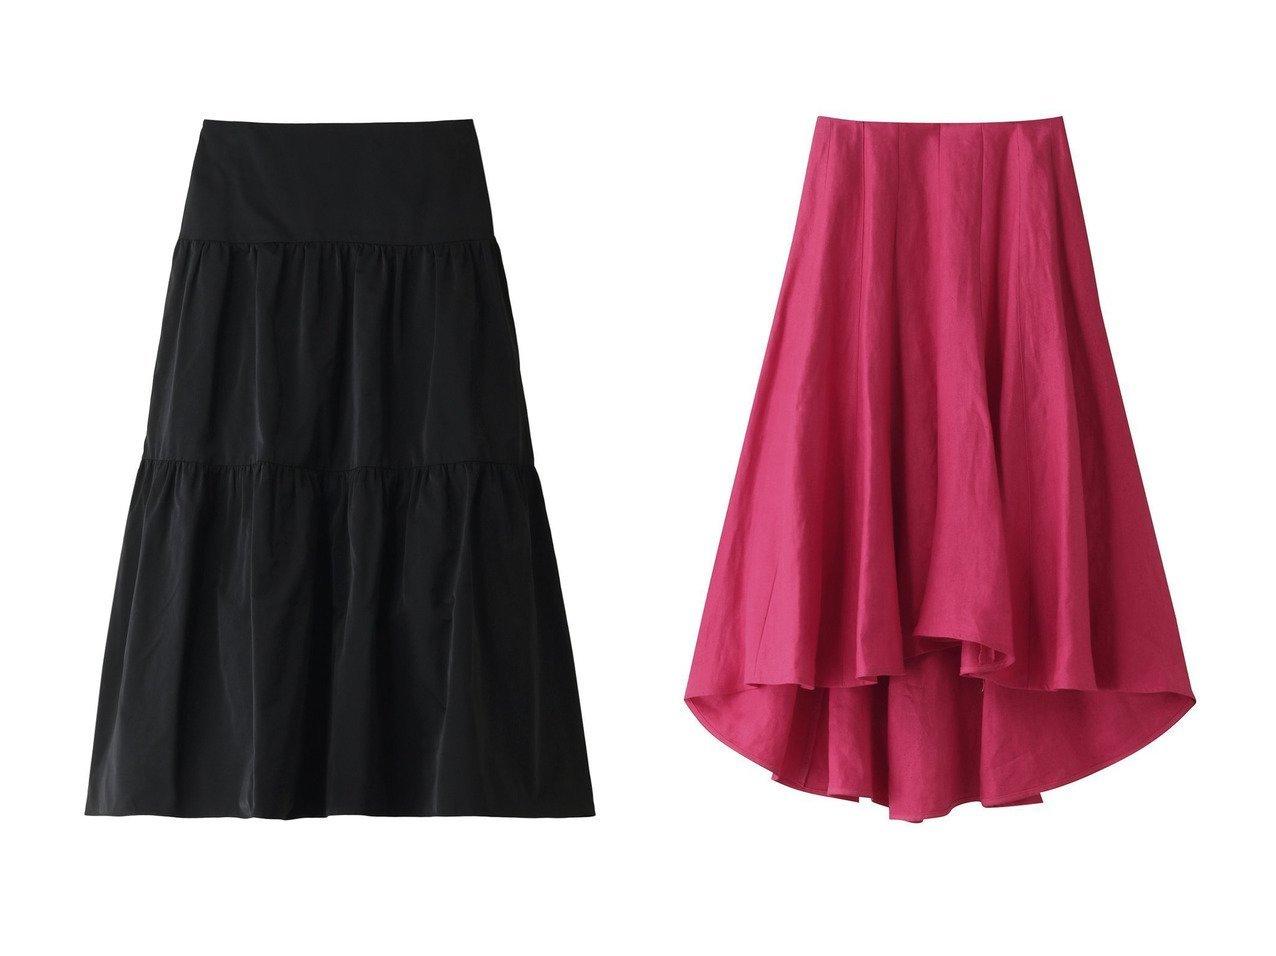 【MADISONBLUE/マディソンブルー】のポリエステルツイルティアードスカート&リネンツイルパネルフレアスカート MADISONBLUEのおすすめ!人気、トレンド・レディースファッションの通販 おすすめで人気の流行・トレンド、ファッションの通販商品 メンズファッション・キッズファッション・インテリア・家具・レディースファッション・服の通販 founy(ファニー) https://founy.com/ ファッション Fashion レディースファッション WOMEN スカート Skirt ティアードスカート Tiered Skirts ロングスカート Long Skirt Aライン/フレアスカート Flared A-Line Skirts 2021年 2021 2021 春夏 S/S SS Spring/Summer 2021 S/S 春夏 SS Spring/Summer イタリア エレガント サテン ティアードスカート フォルム ロング 春 Spring |ID:crp329100000016898